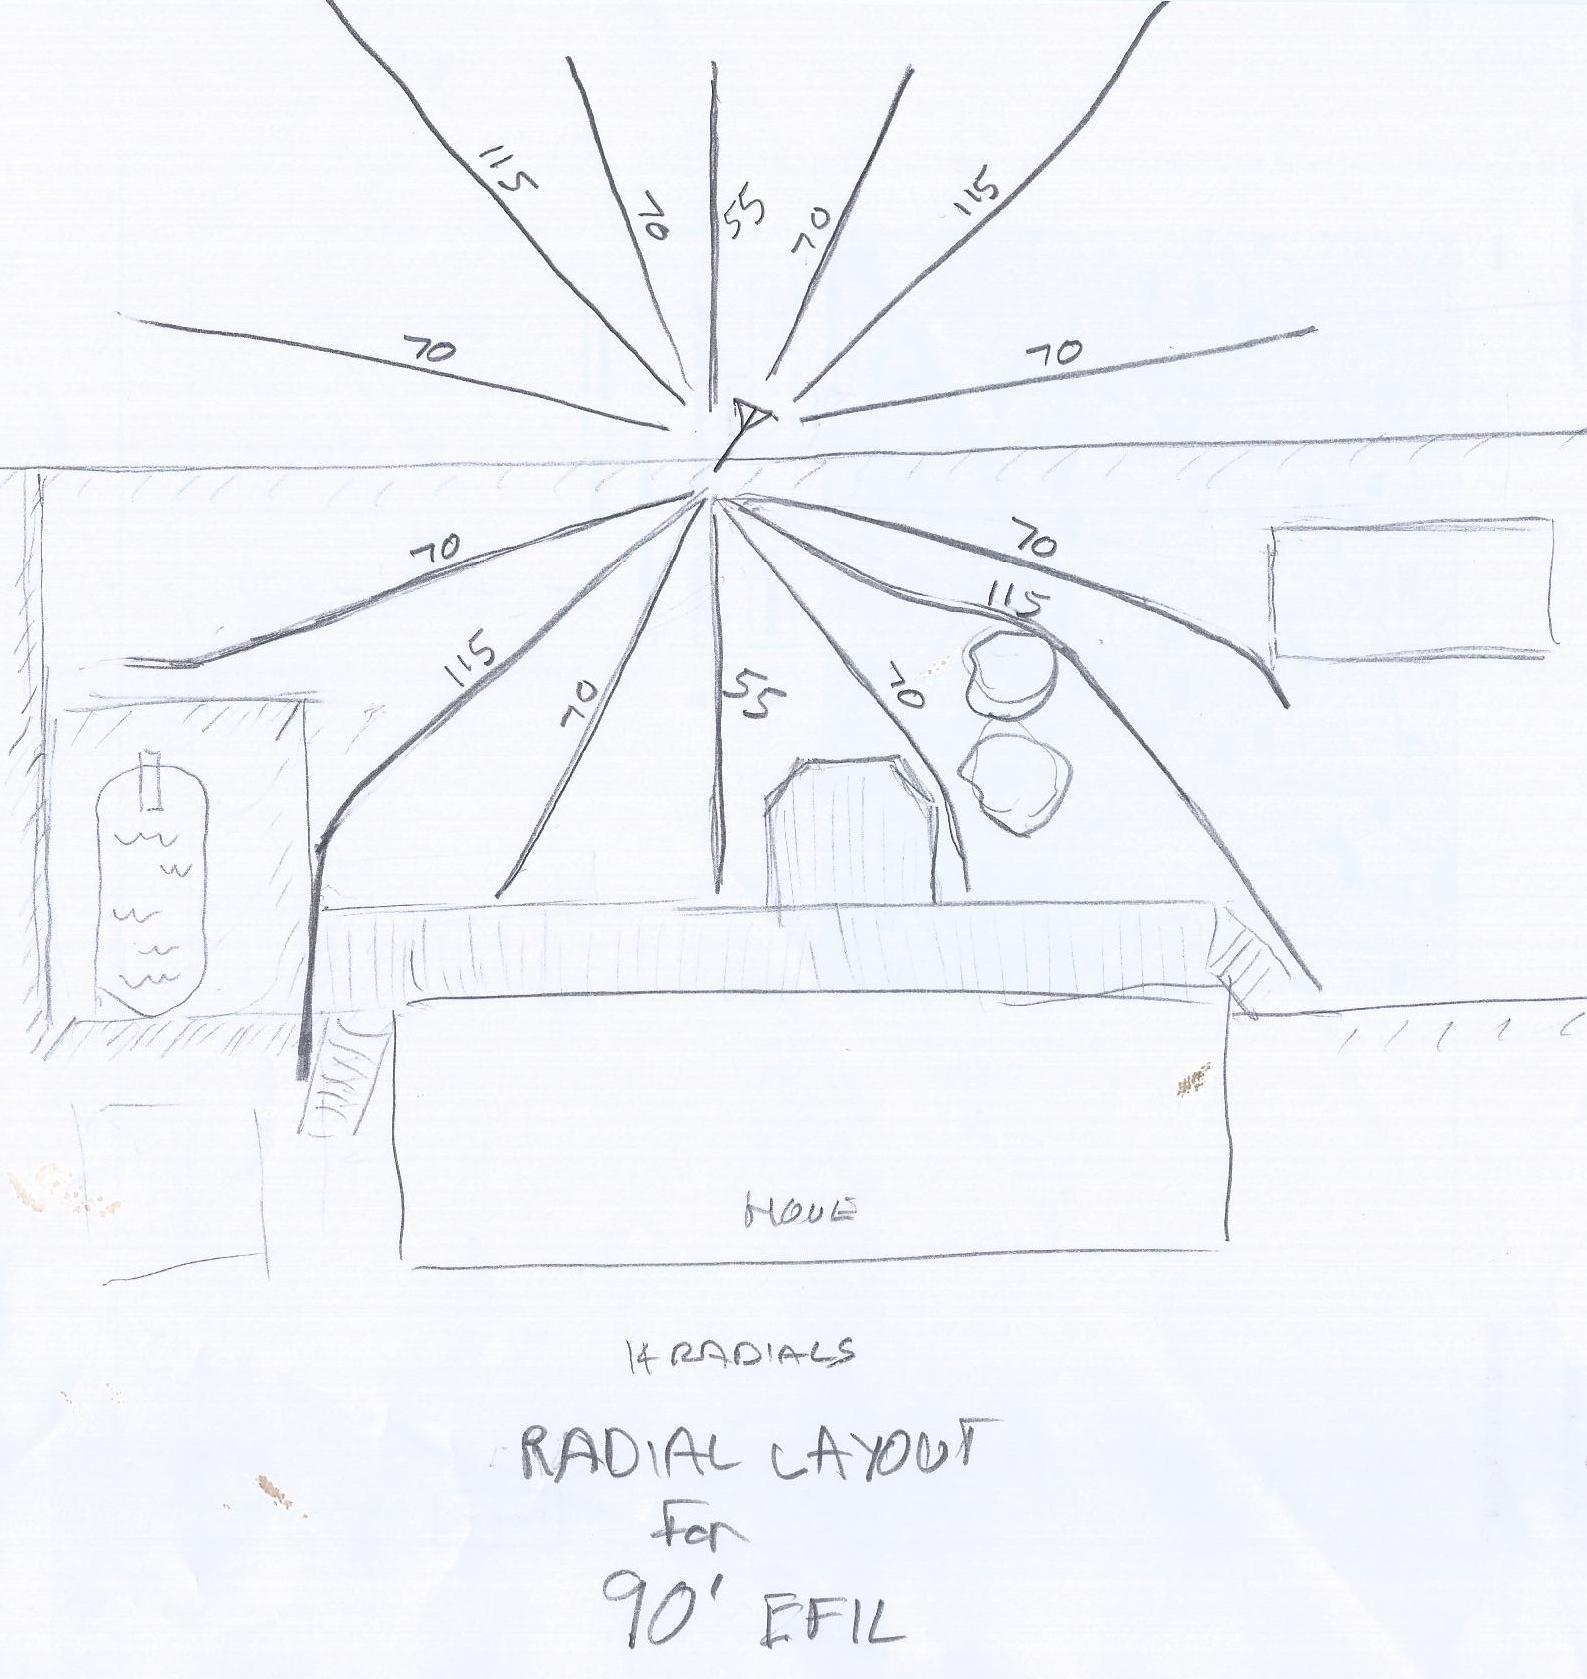 90ft-radials